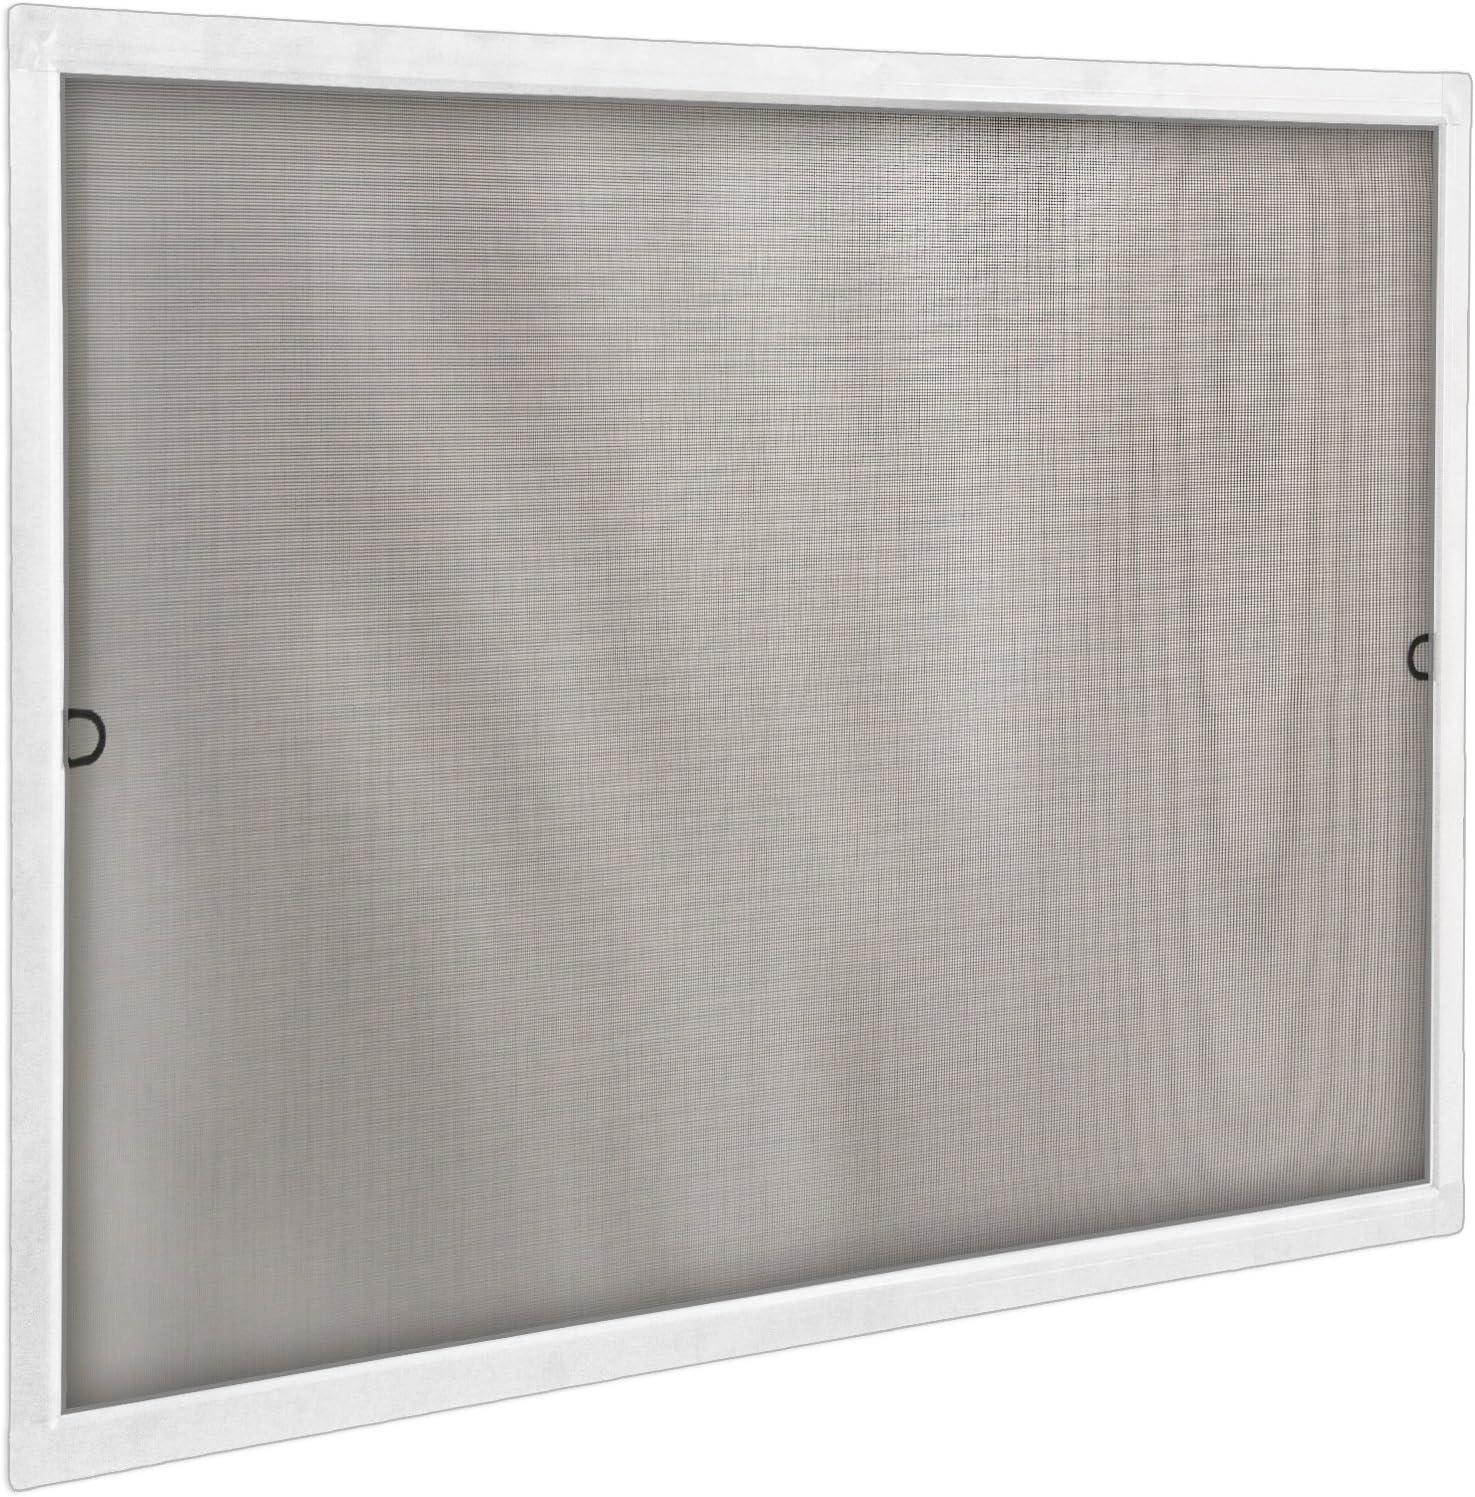 JAROLIFT Insektenschutz Spannrahmen Profi Line f/ür Fenster ohne Bohren montierbar Rahmengr/ö/ße 60cm x 150cm silber